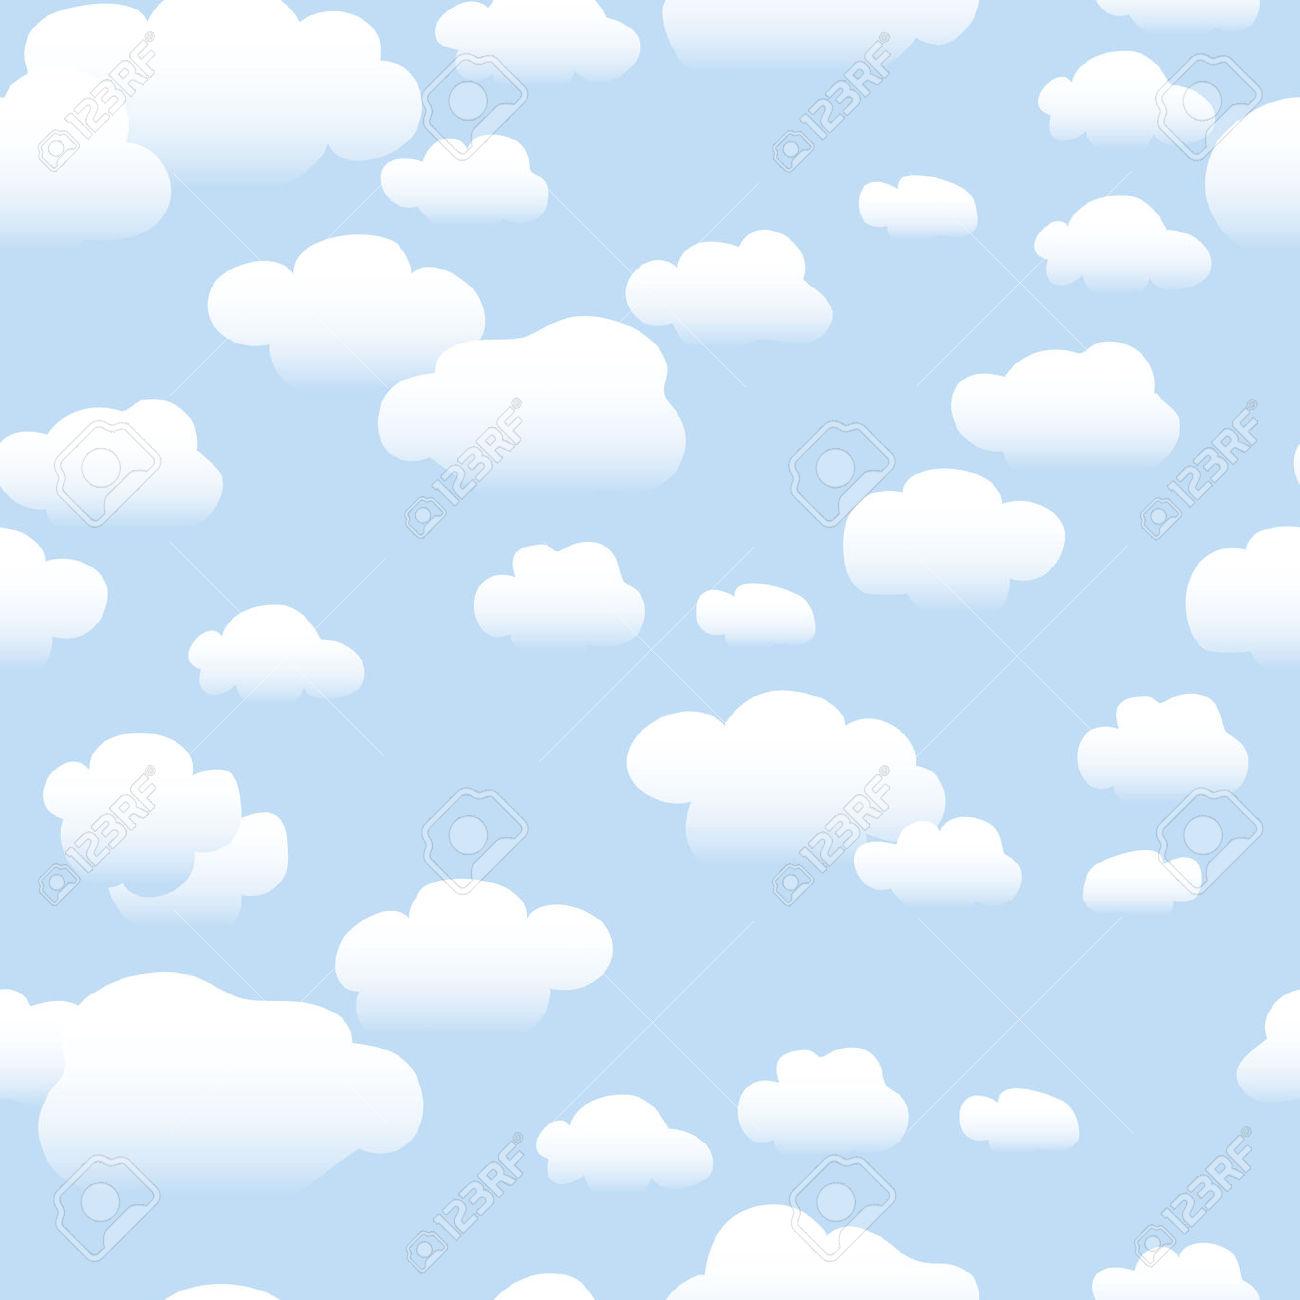 cloud wallpaper clip art - photo #12